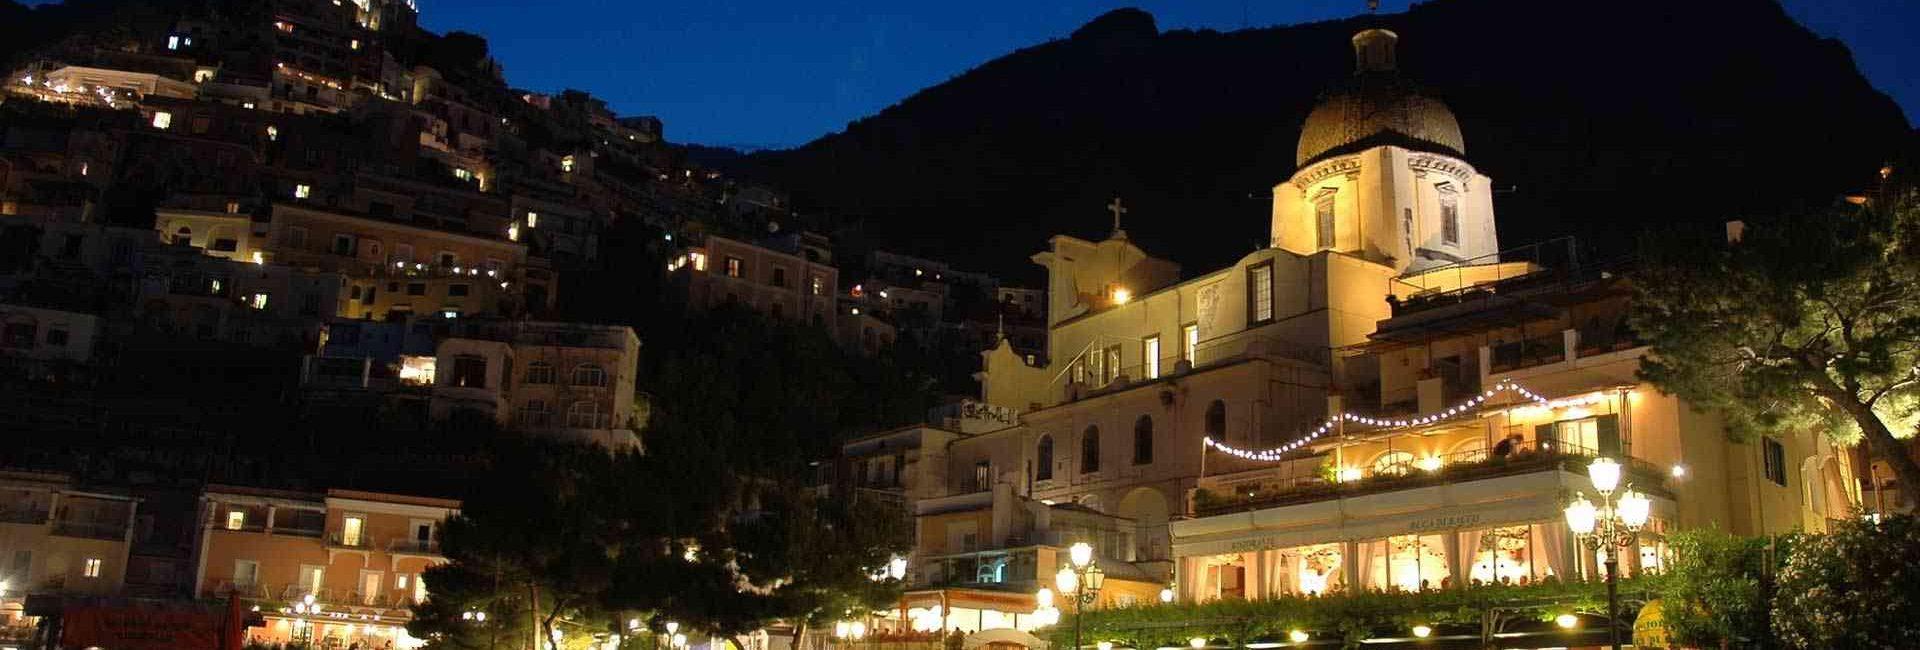 Hotel Buca di Bacco Positano (7)